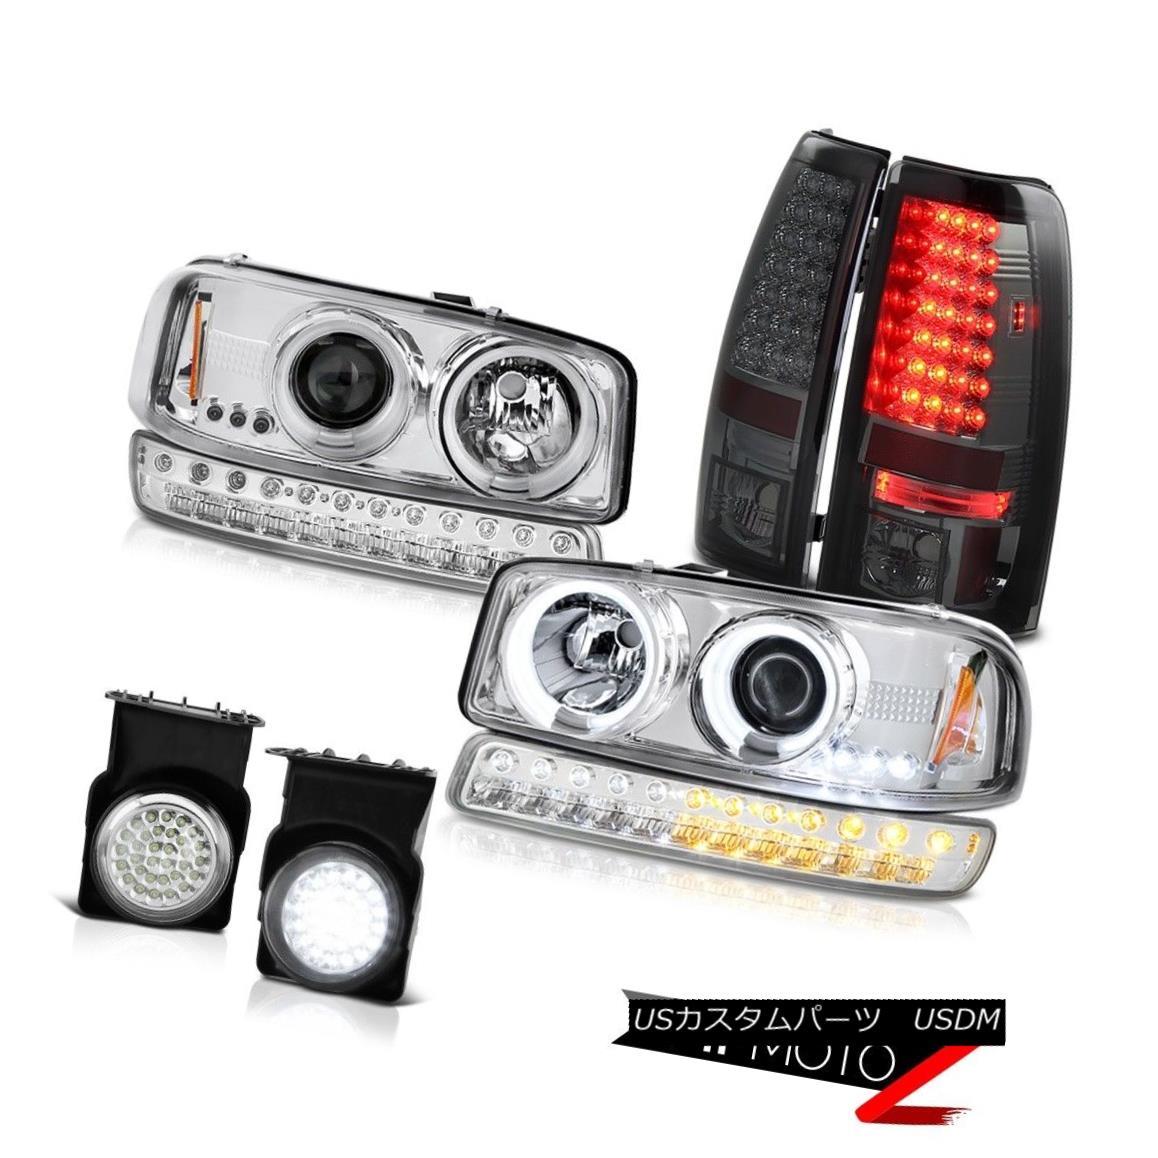 ヘッドライト 03-06 Sierra 1500 Euro Clear Foglamps LED Taillamps Signal Light CCFL Headlights 03-06 Sierra 1500 EuroクリアフォグランプLEDタイルランプシグナルライトCCFLヘッドライト